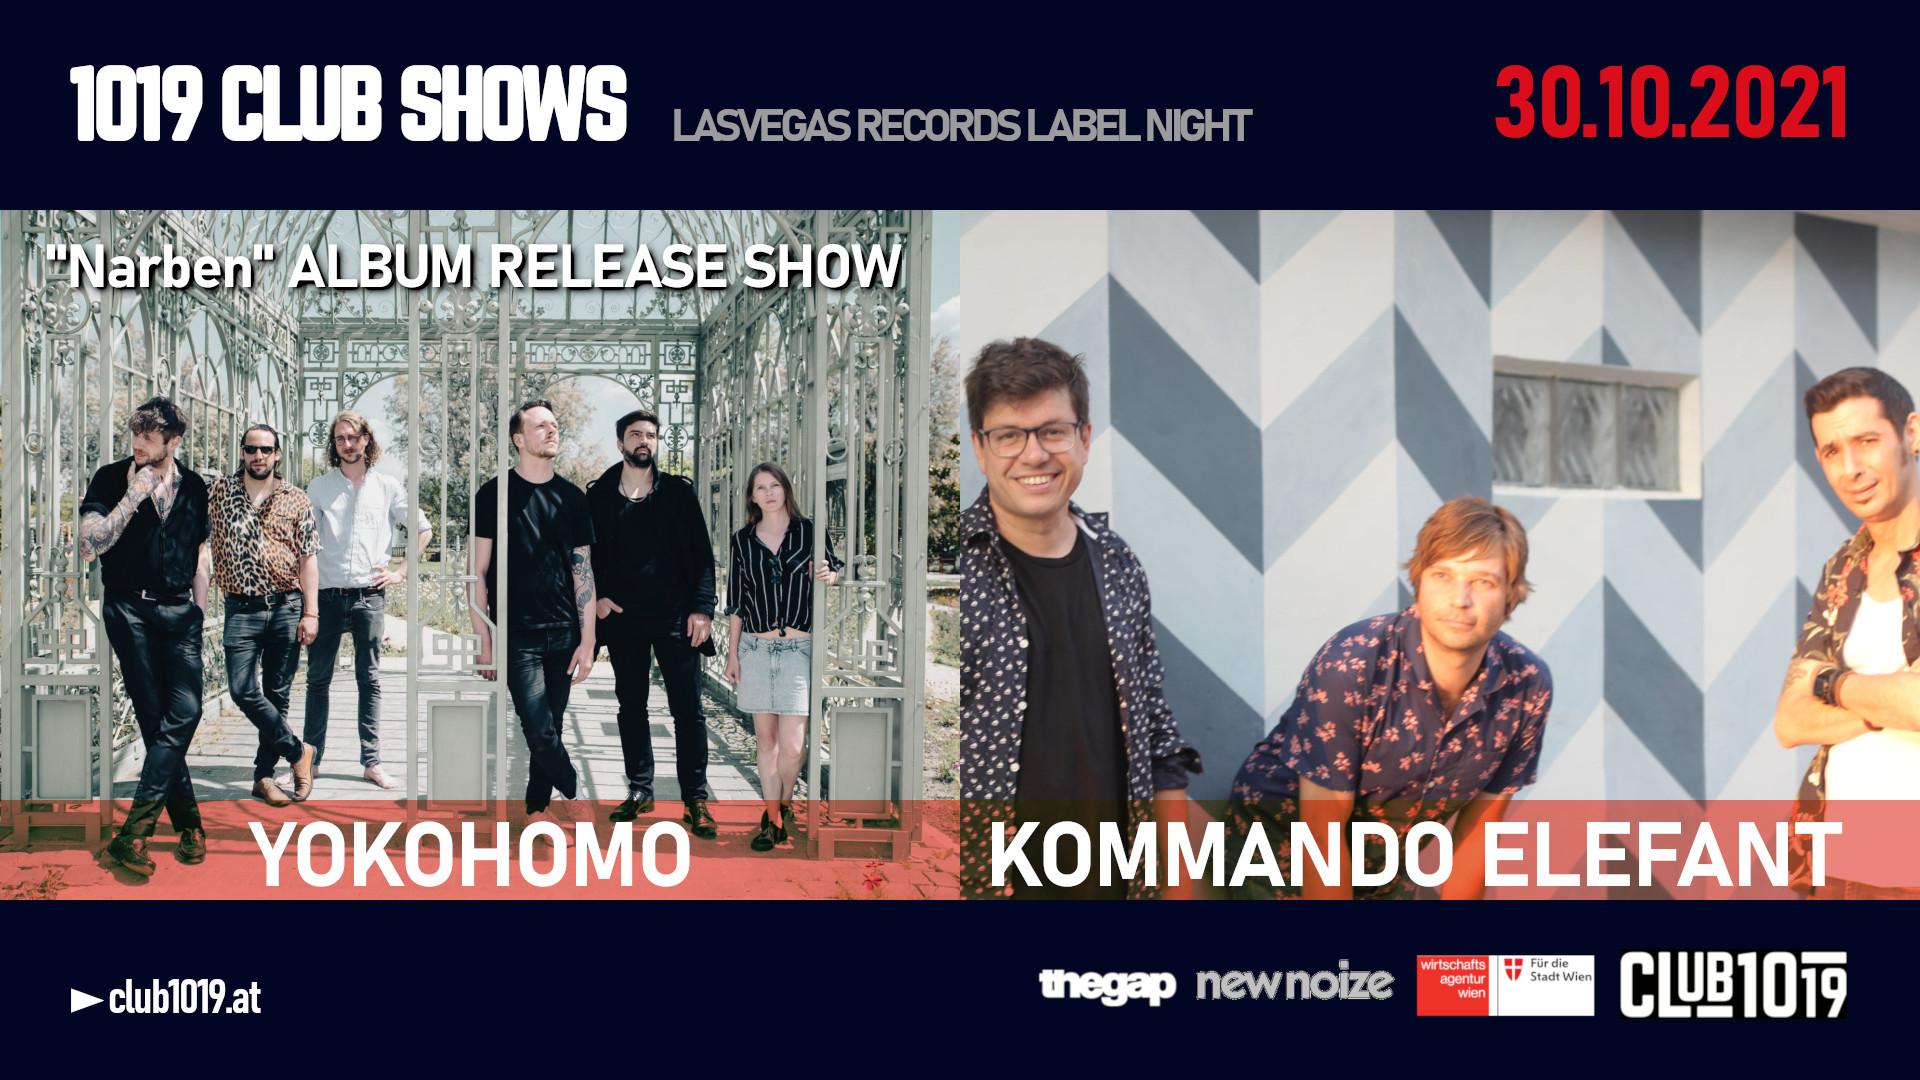 YOKOHOMO (Release Show) + Kommando Elefant @ 1019 CLUB SHOWS